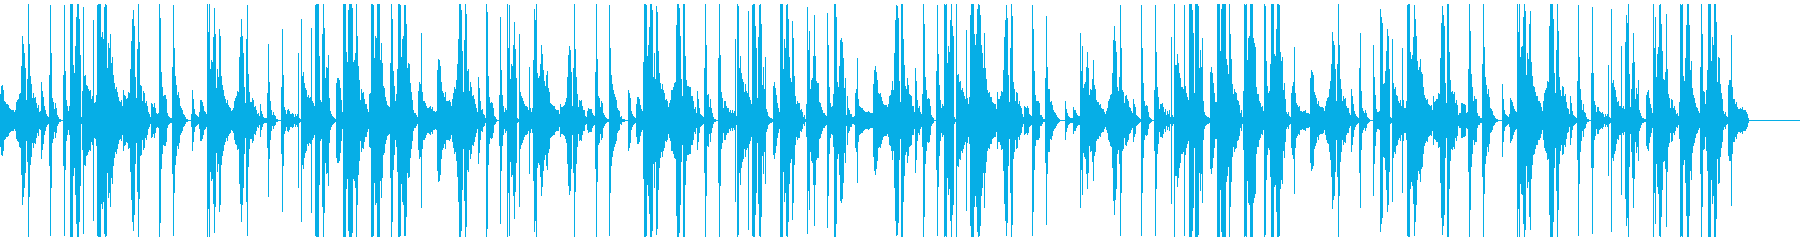 臨場感!回るDJスクラッチ入りドラムの再生済みの波形